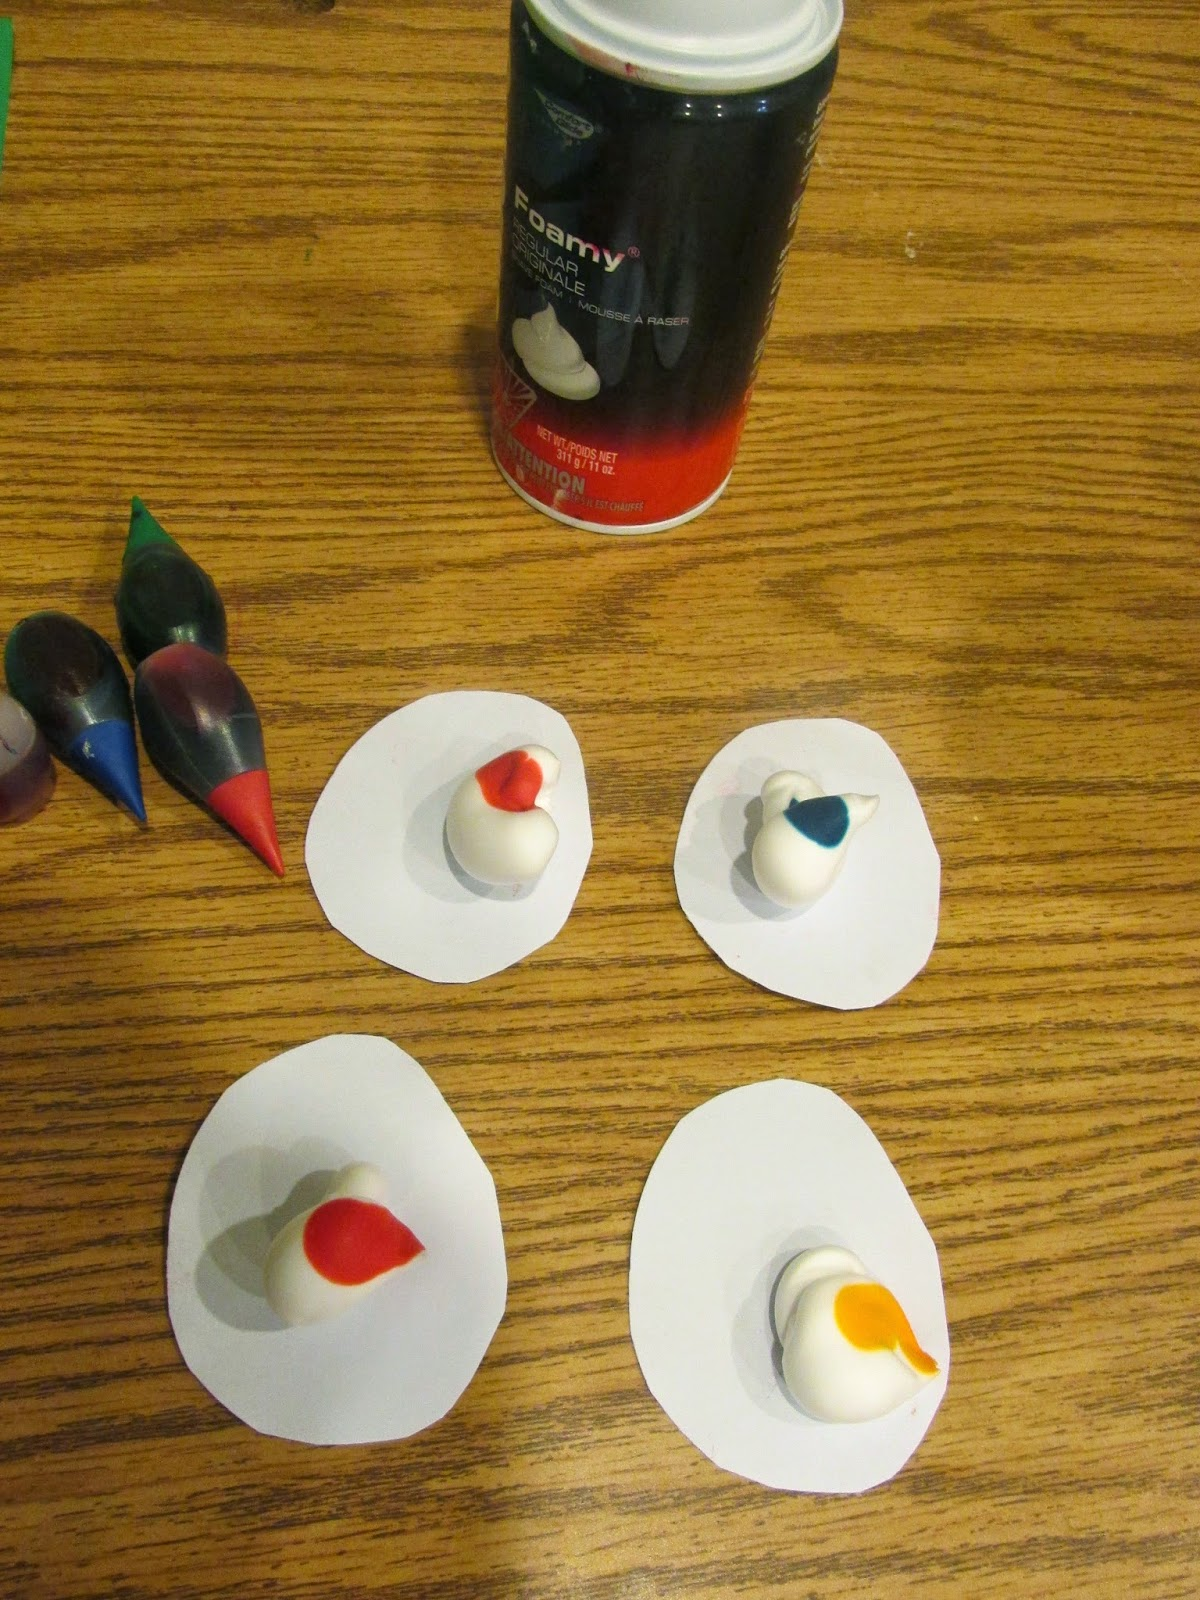 Easter-egg-shaving-cream-craft-preschool